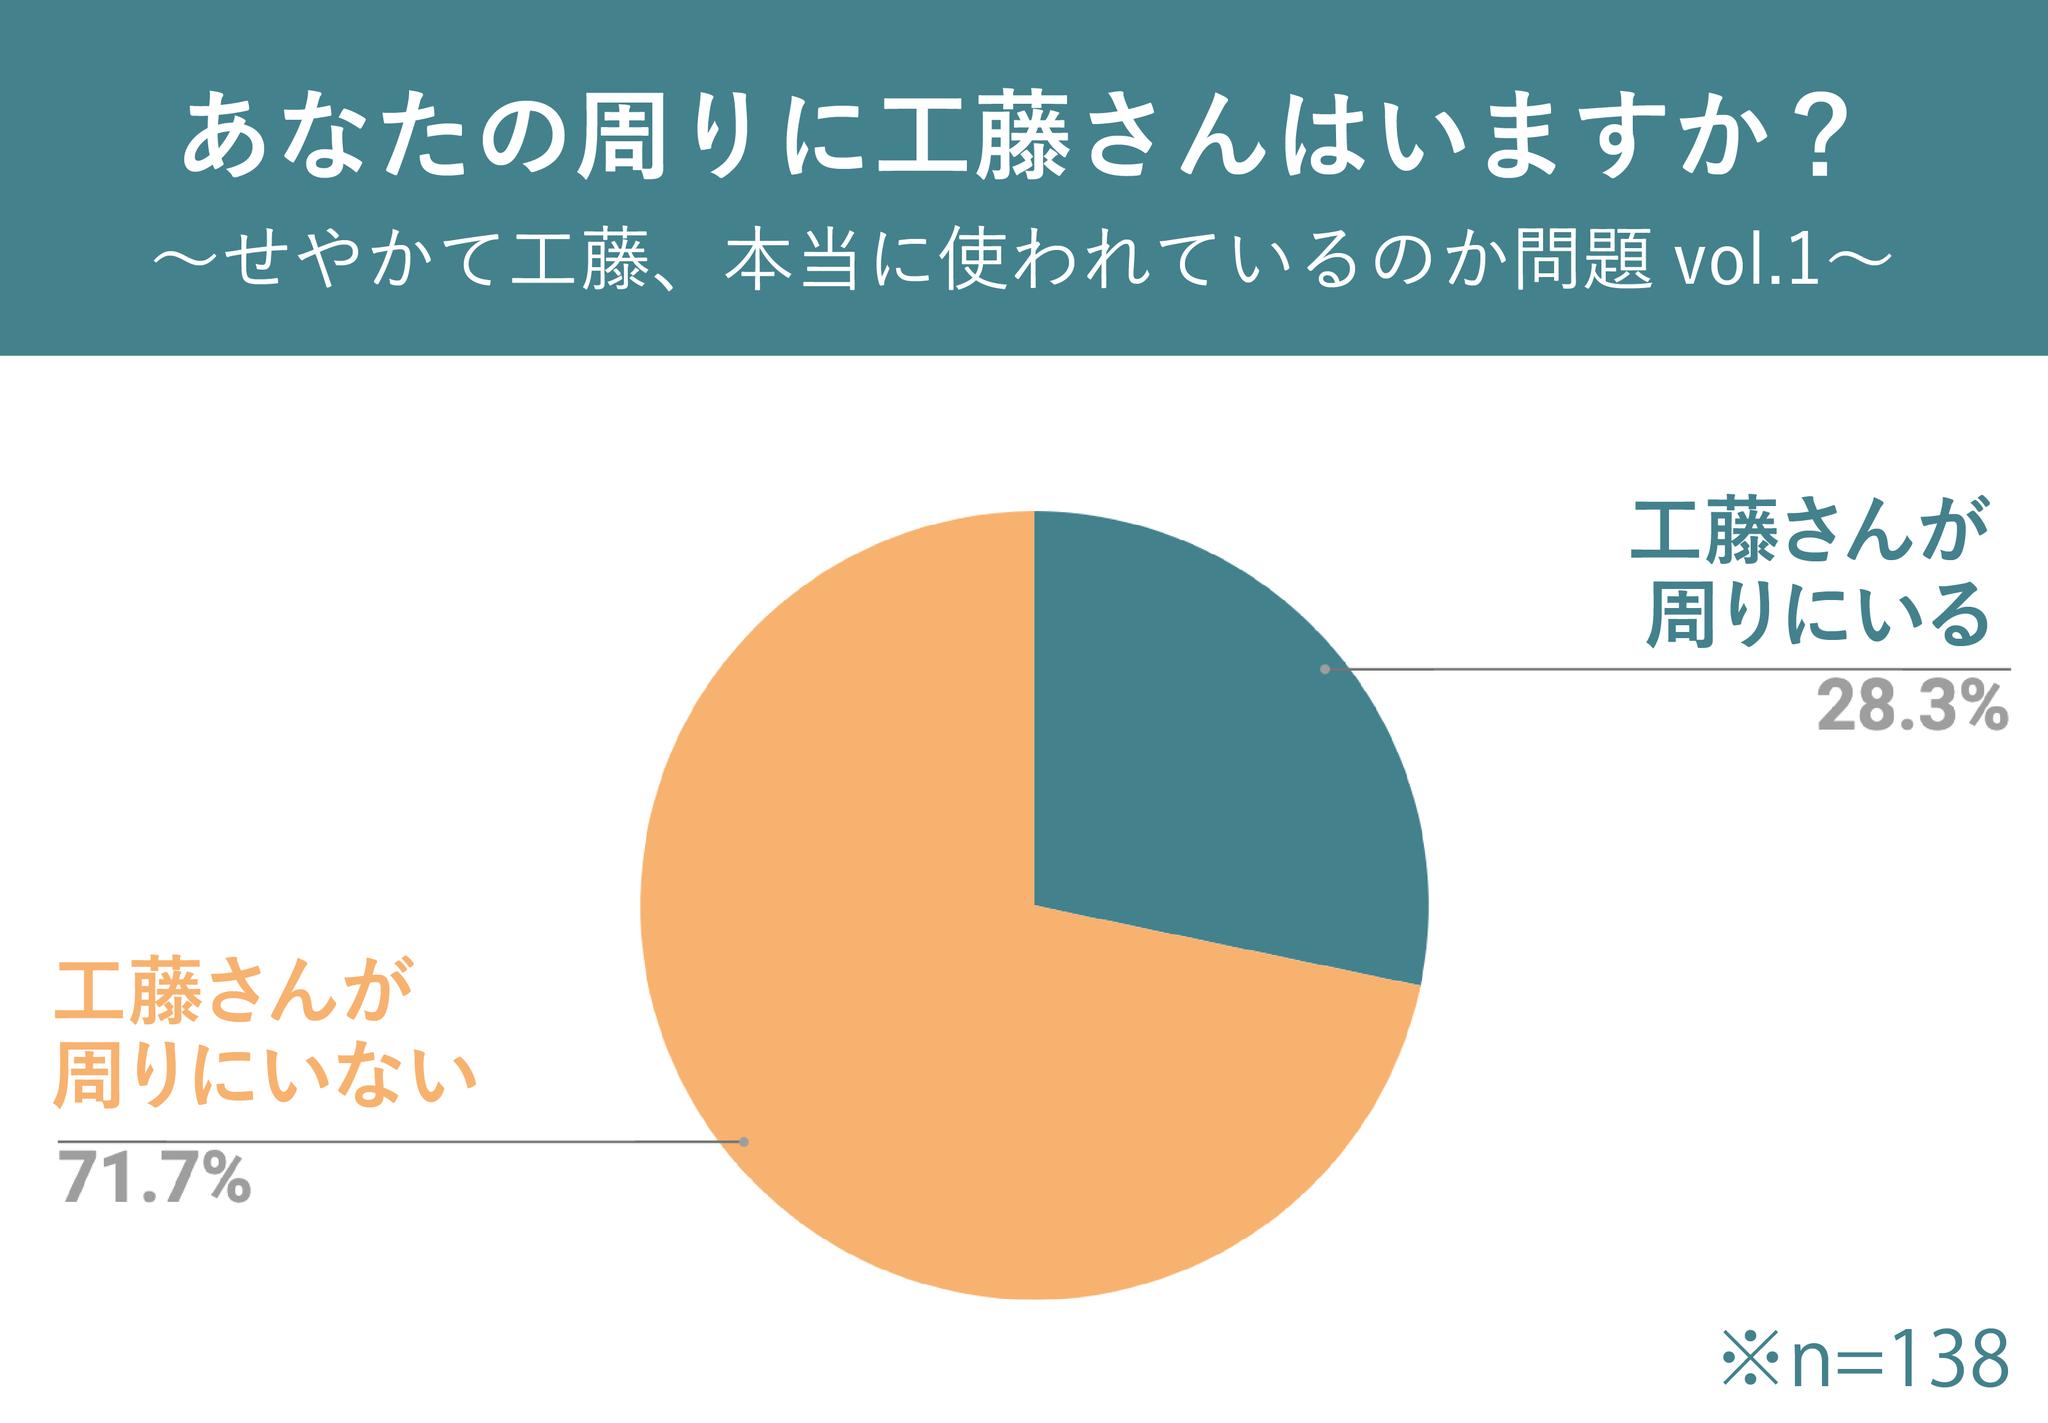 コナン最大の謎のひとつ「関西弁の人は、身の周りの工藤さんに反論するとき本当に『せやかて工藤』と話しかけるのか」を調べました。「そもそも工藤さんが全然いない」という事実も浮き彫りになっています。 服部平次の「せやかて工藤」は、関西で本当に使うのか?